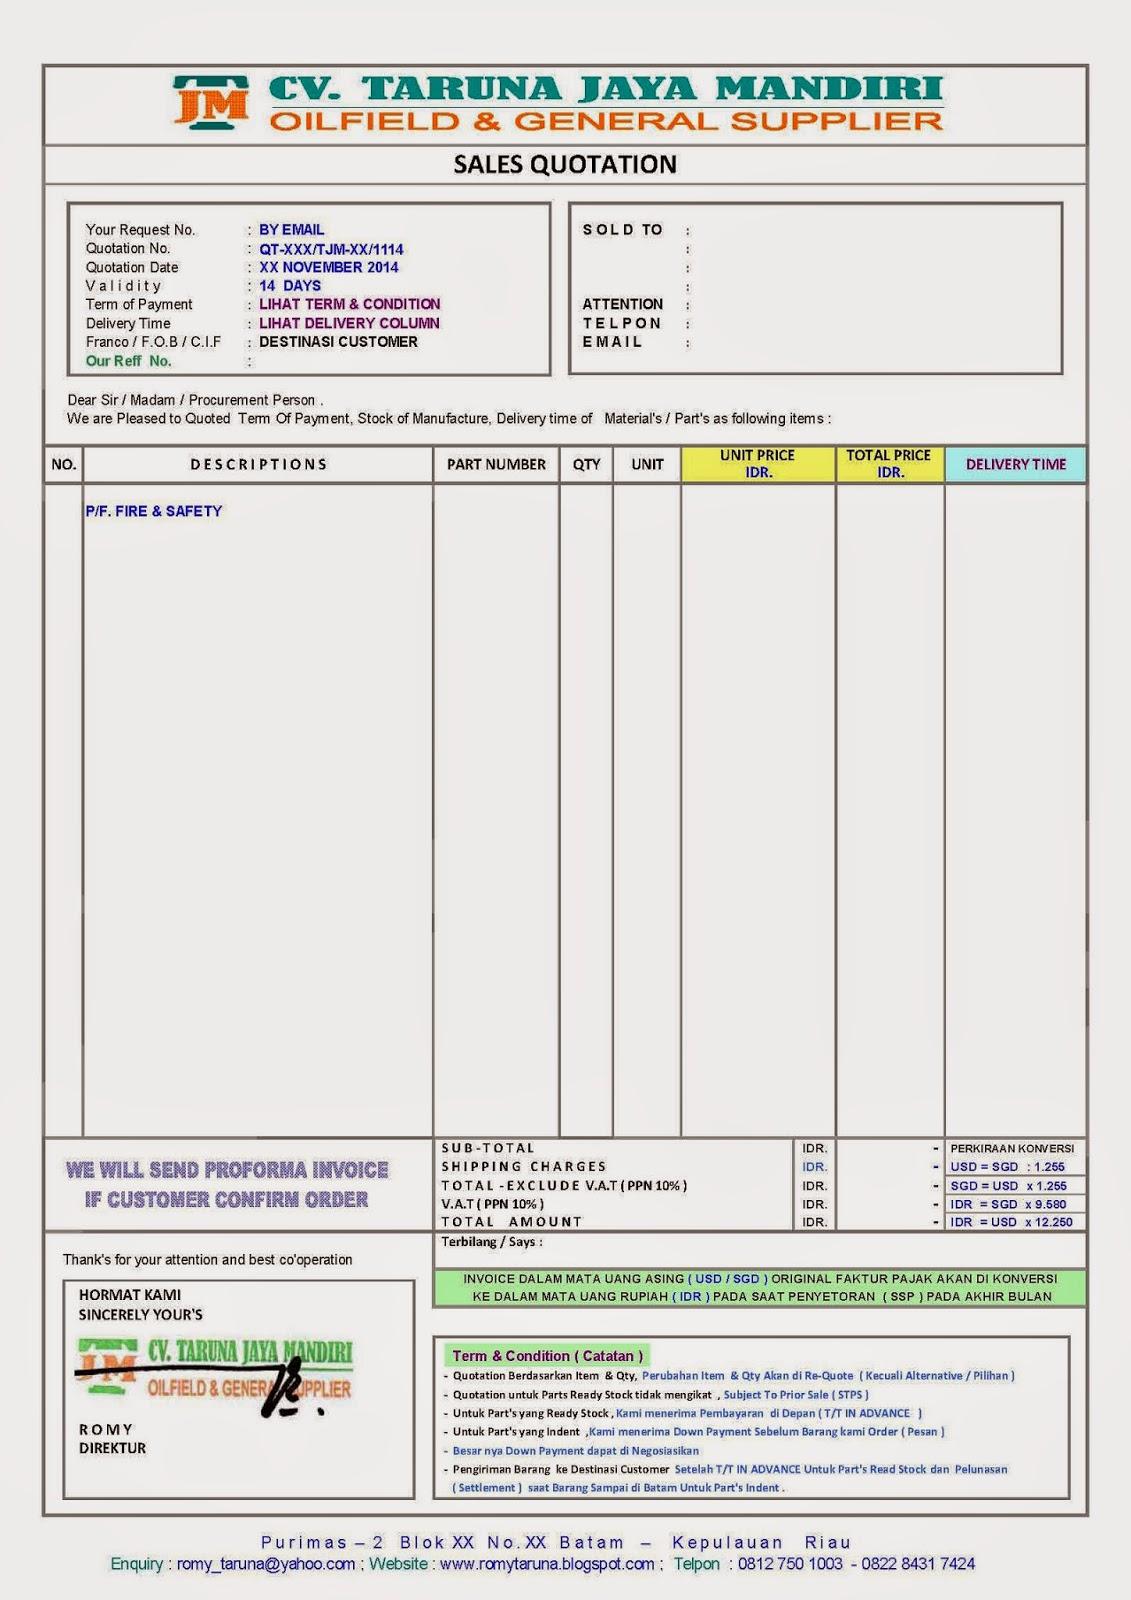 CV TARUNA JAYA MANDIRI CARA PEMESANAN – Contoh Proforma Invoice